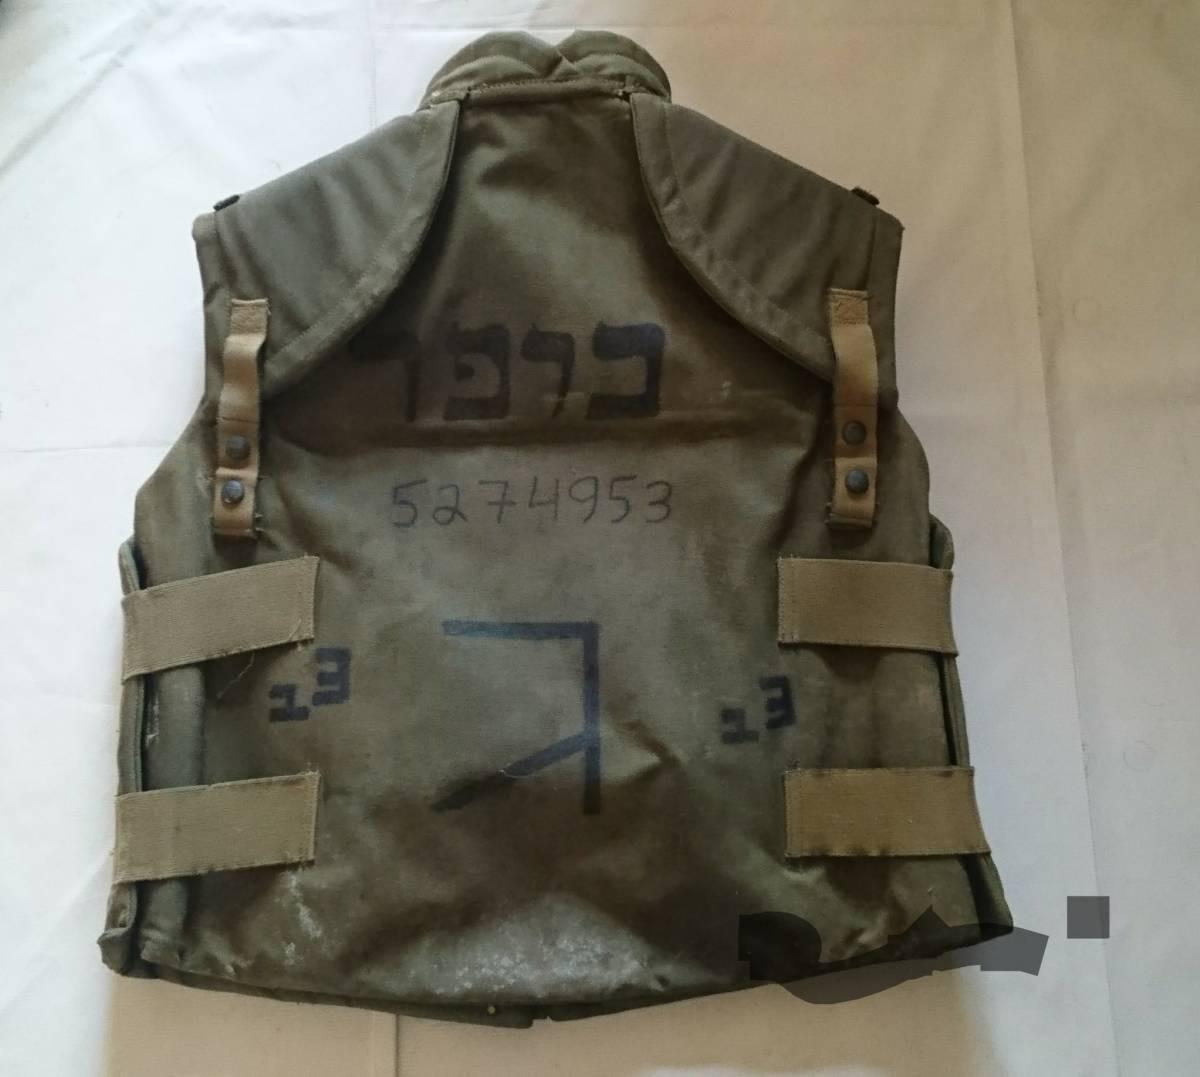 レア物 中東 イスラエル軍アーマーベスト _画像2